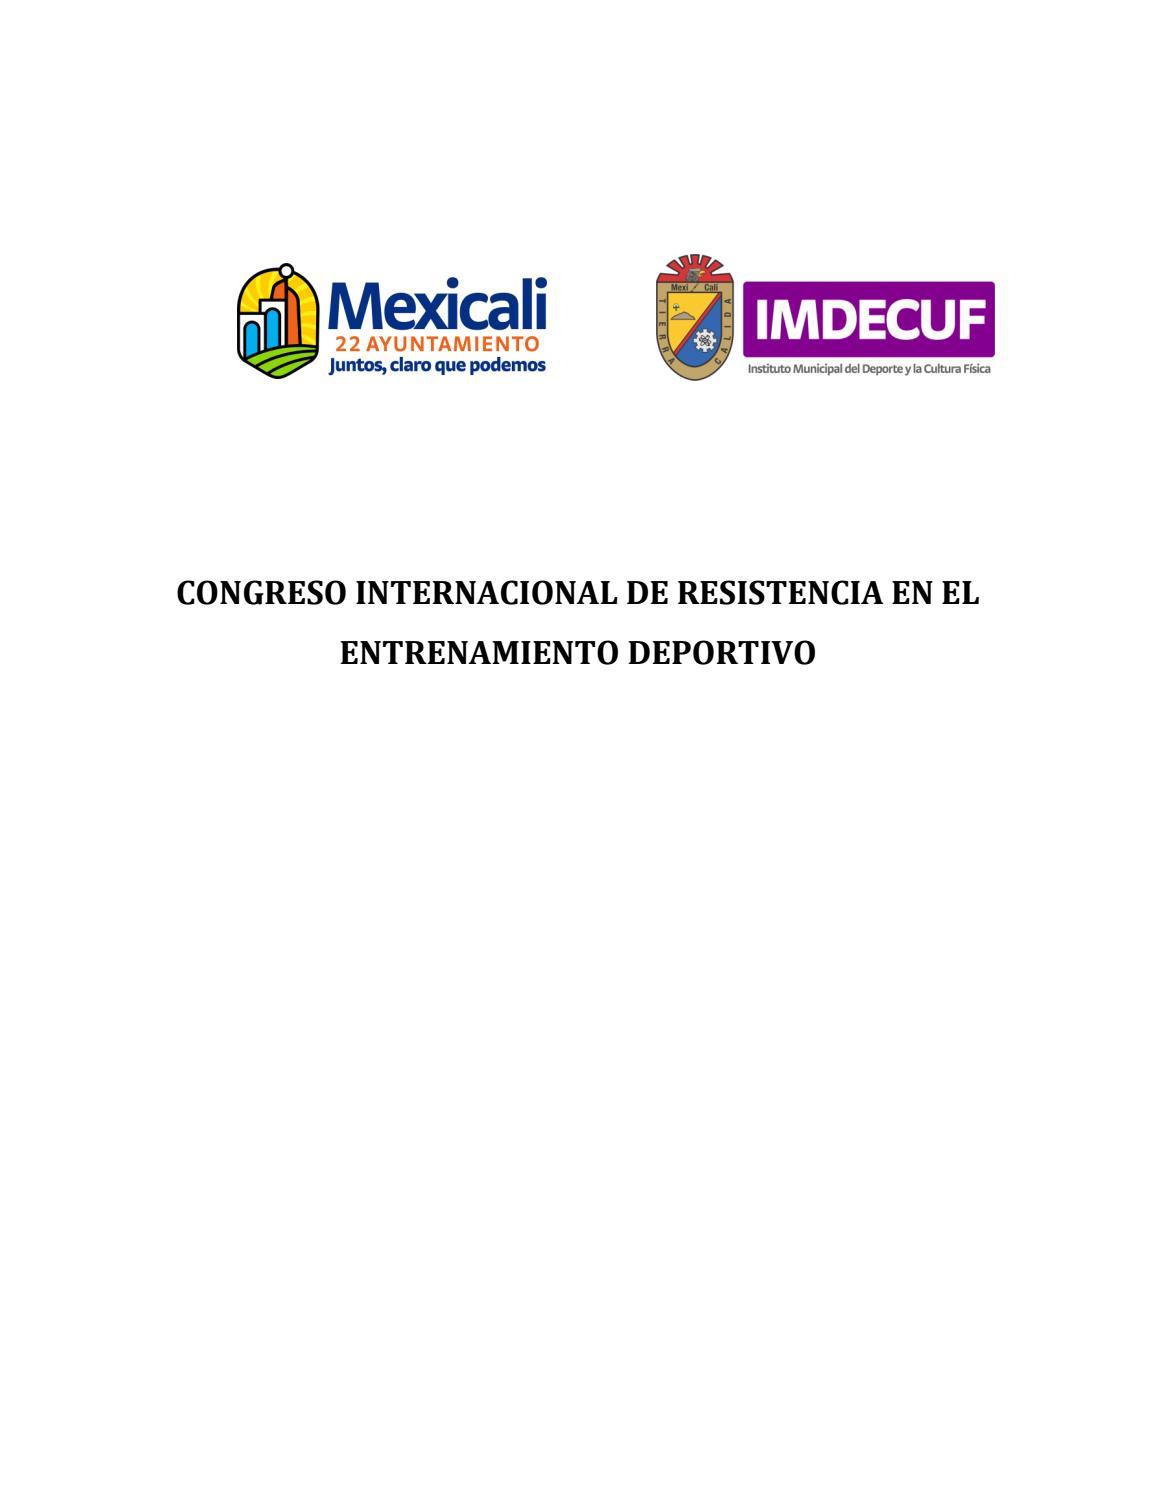 Congreso Internacional de Resistencia en el Entrenamiento